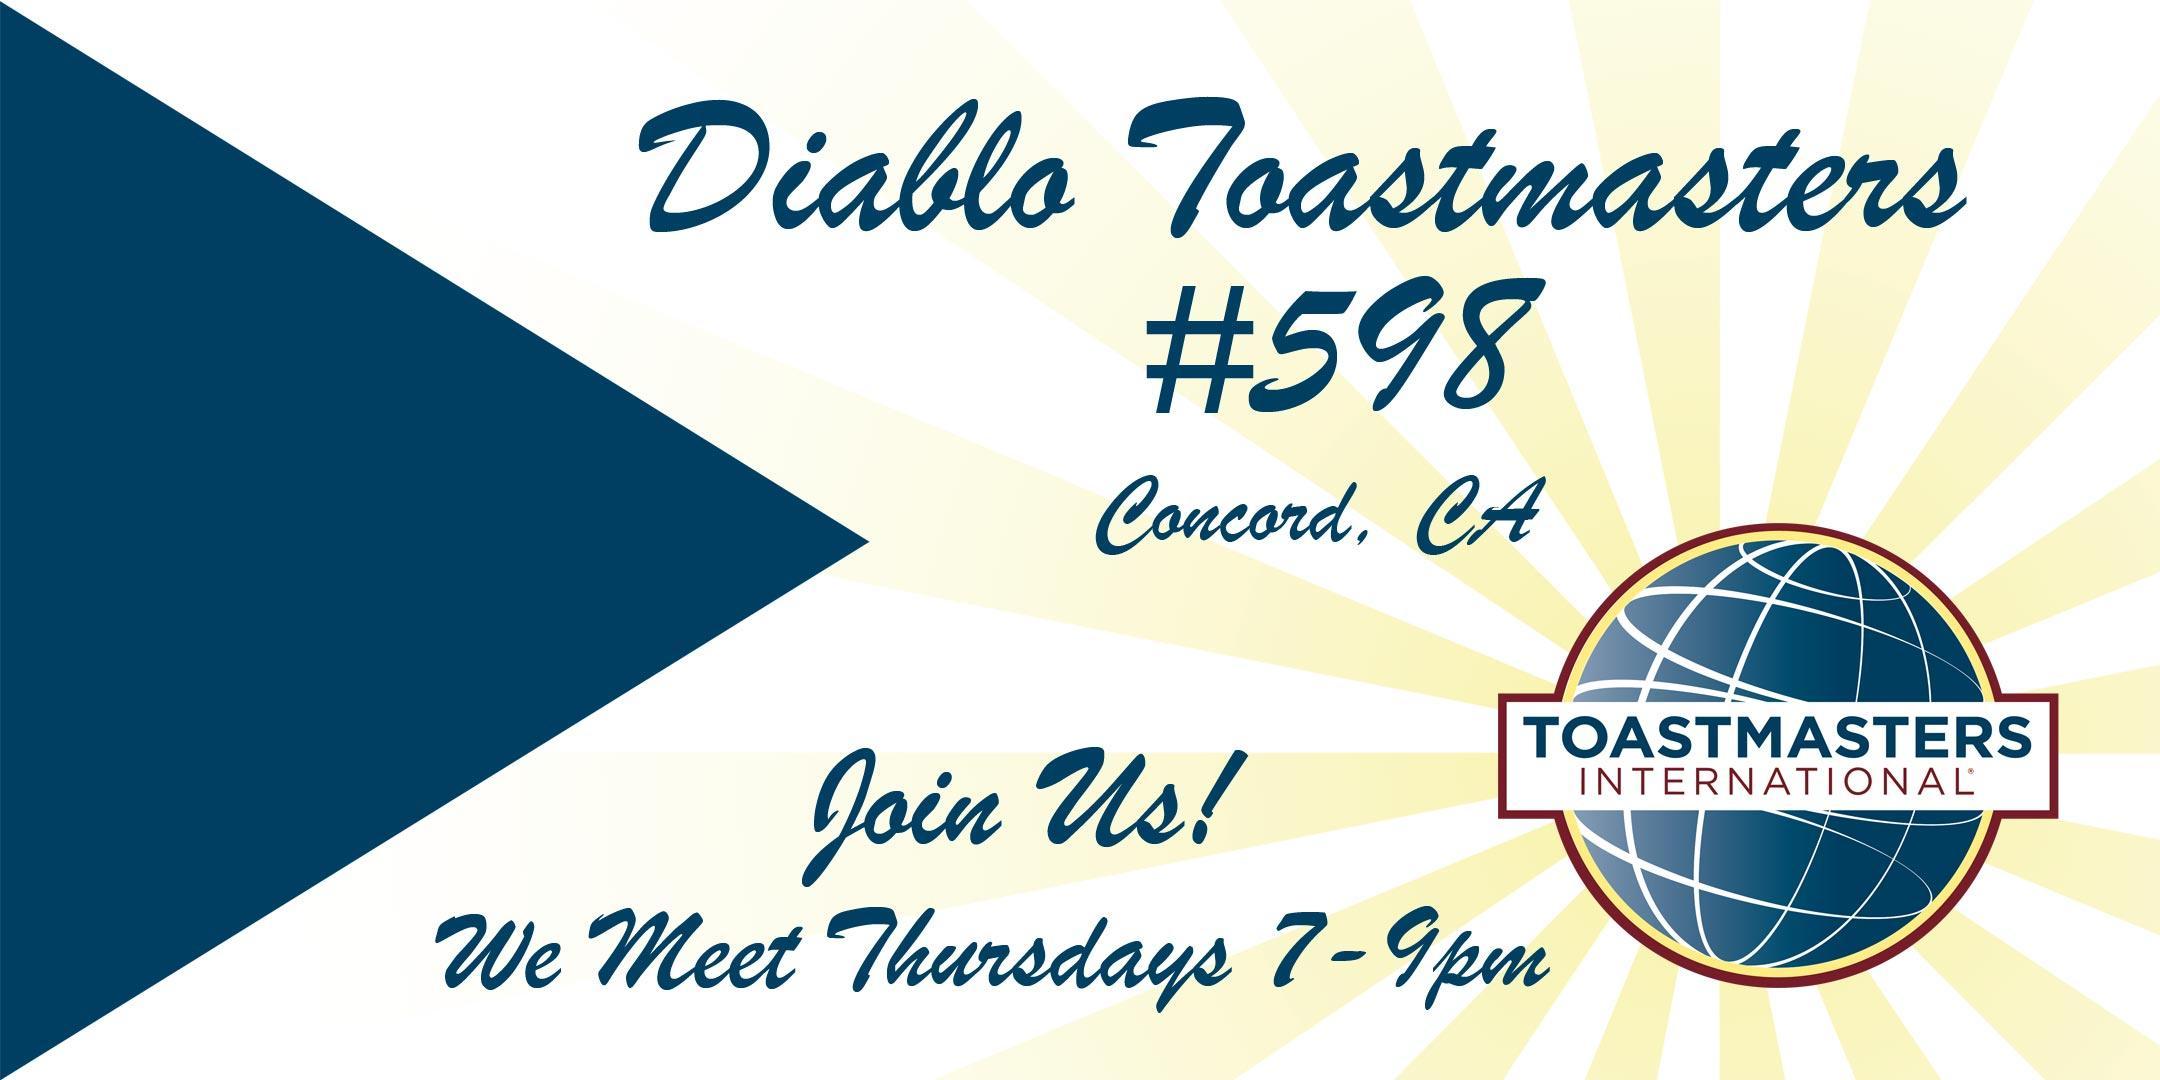 Diablo Toastmasters 598, Concord, CA - Improv